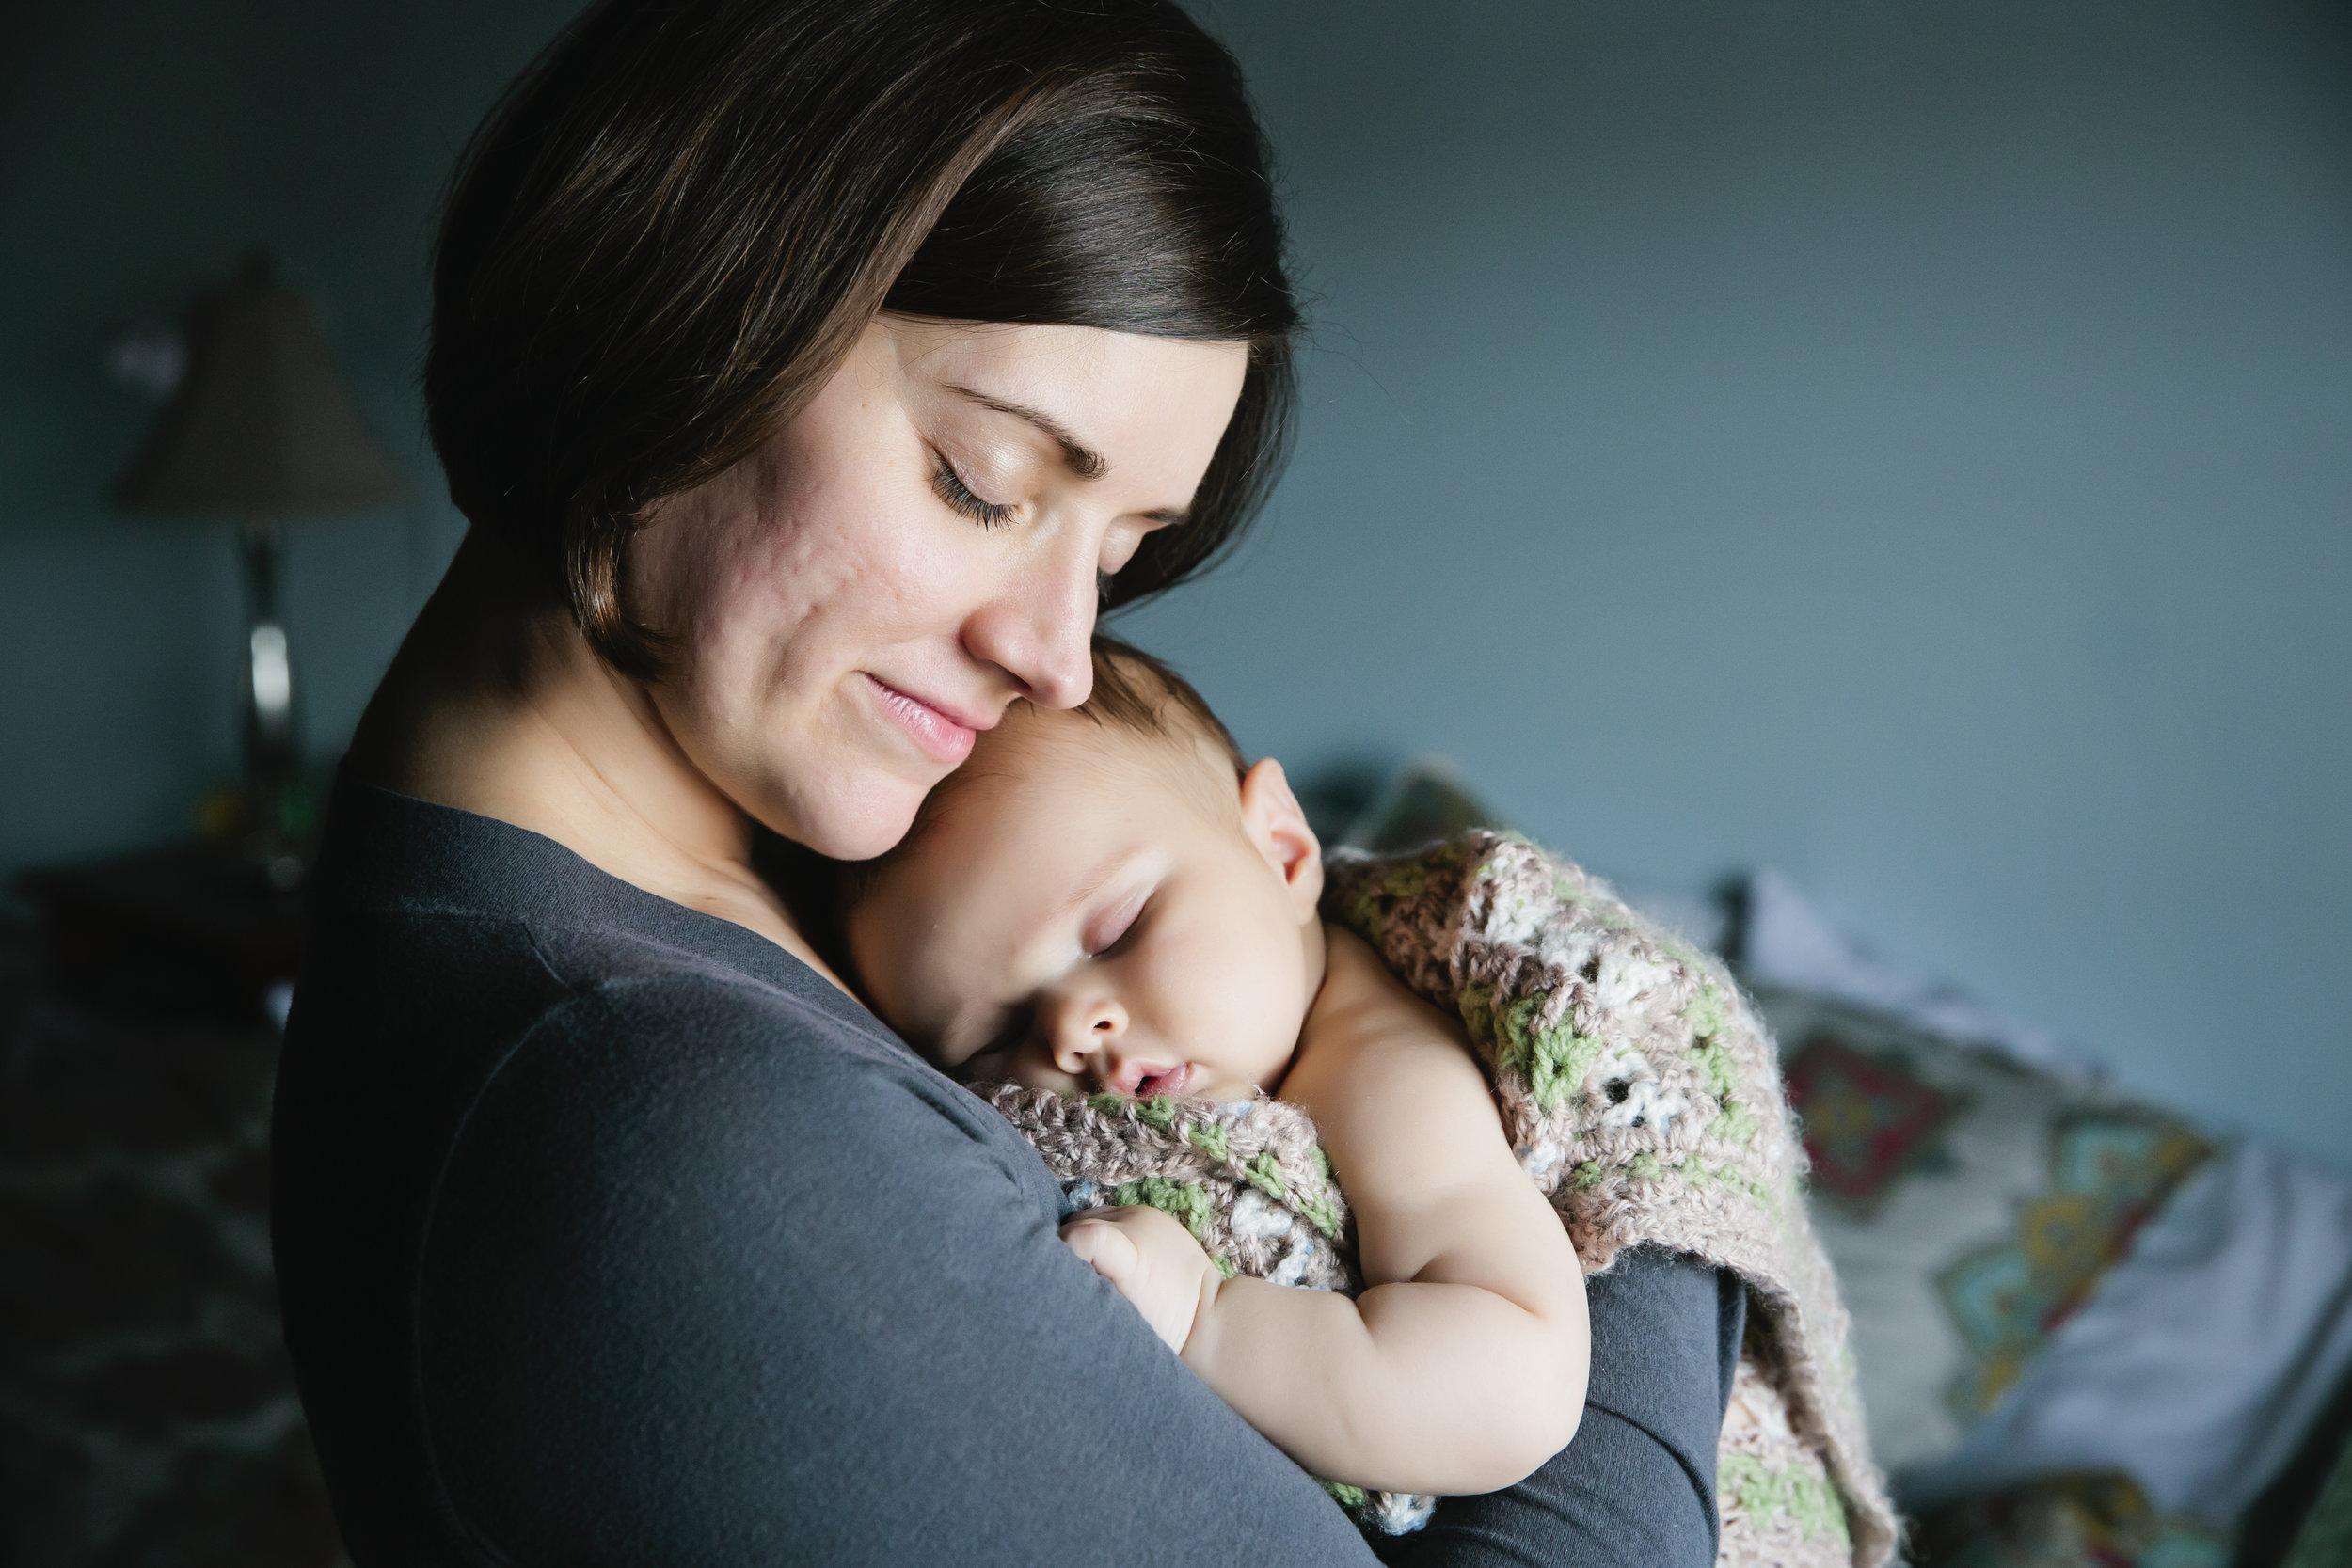 Krista_Maltais_parenting_consultant.jpg